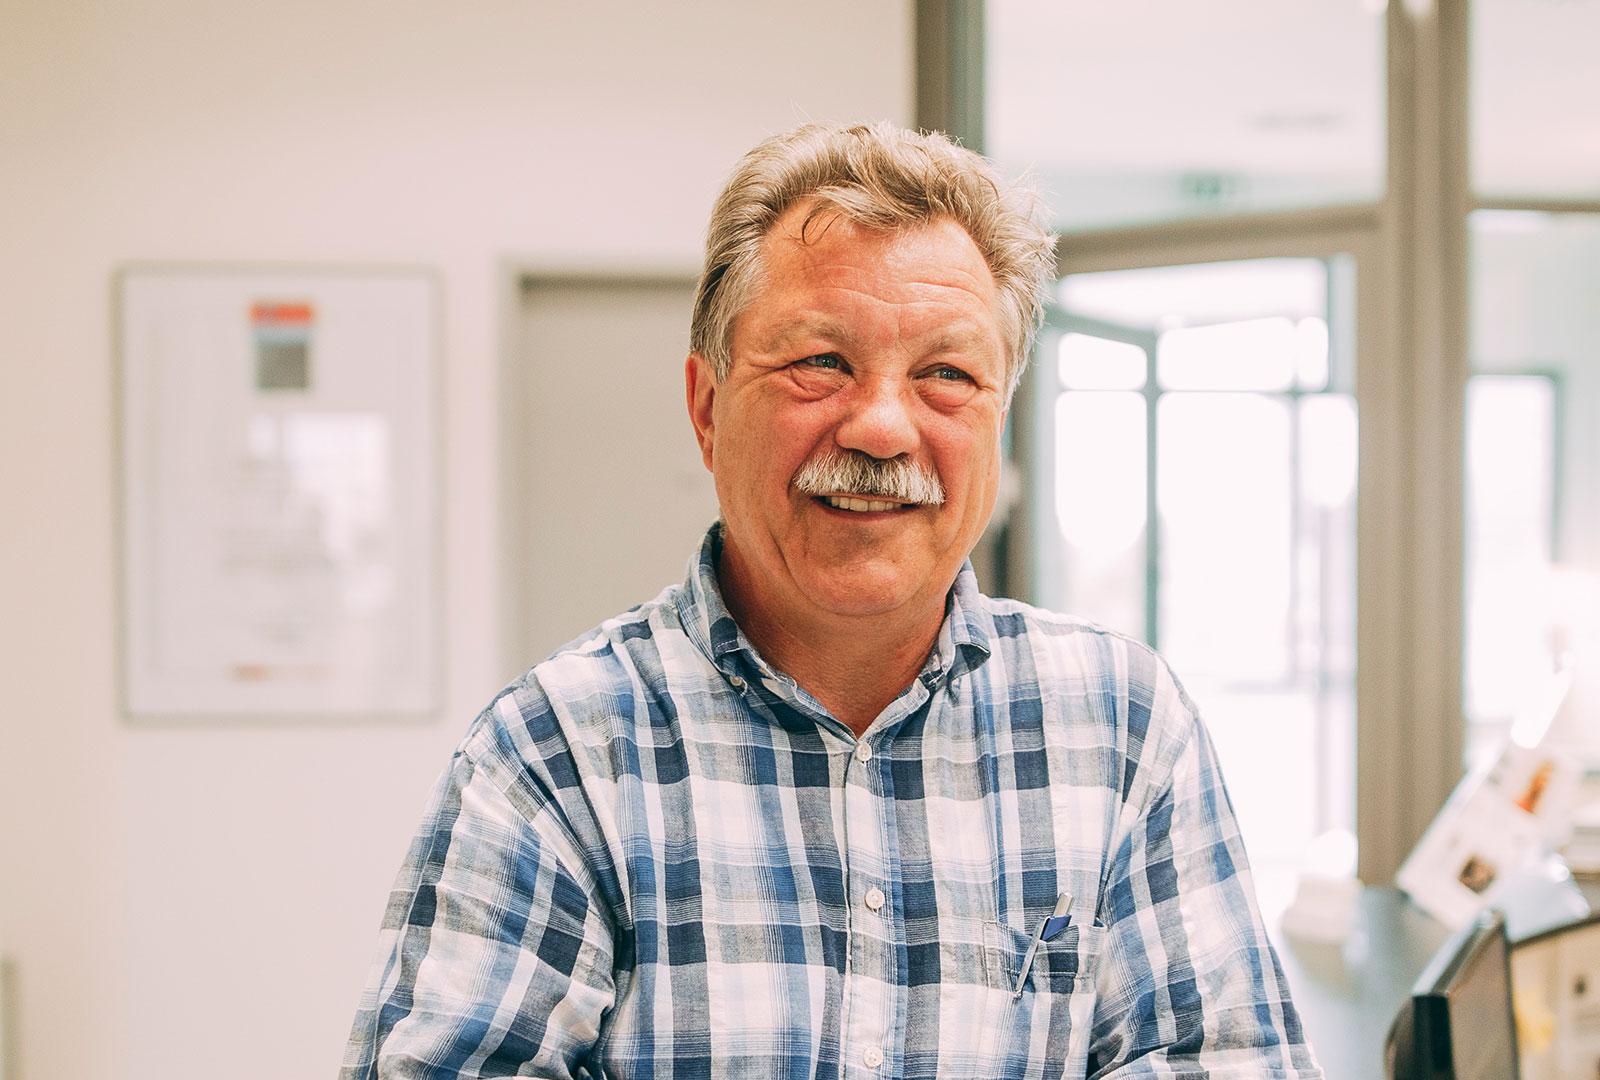 Mann freut sich über sicheren Zahnersatz auf Zahnimplantaten in Leverkusen